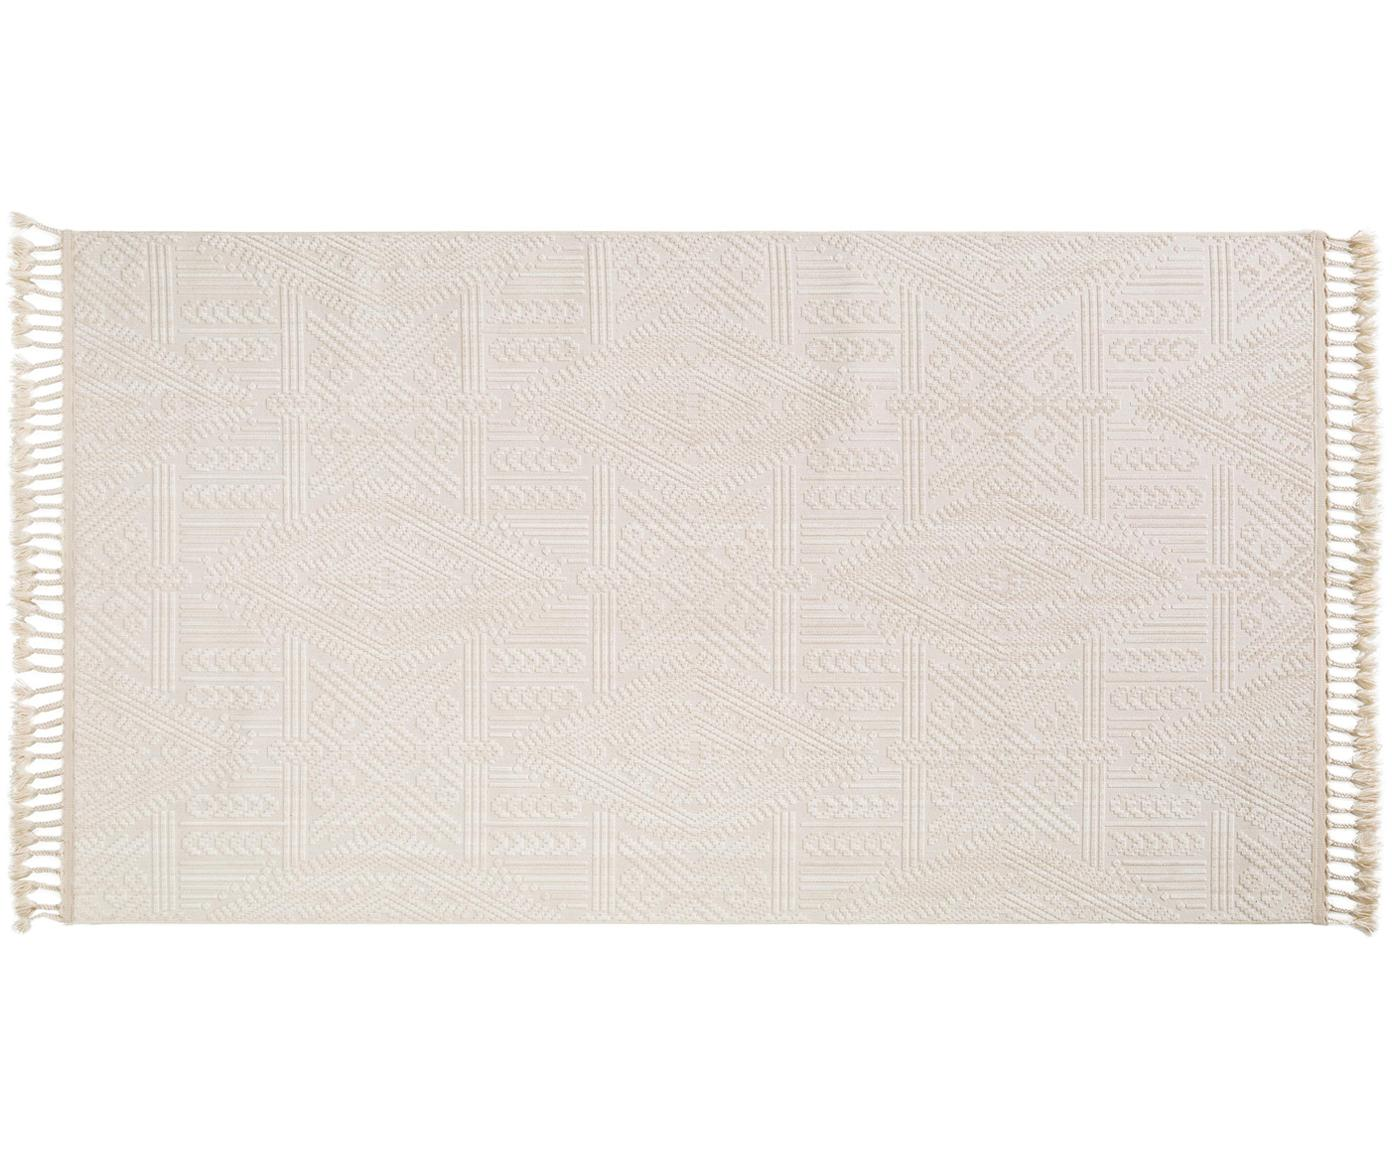 Tappeto con effetto a rilievo Laila Tang, Vello: poliestere, Retro: cotone, Color crema, Larg. 80 x Lung. 150 cm (taglia XS)